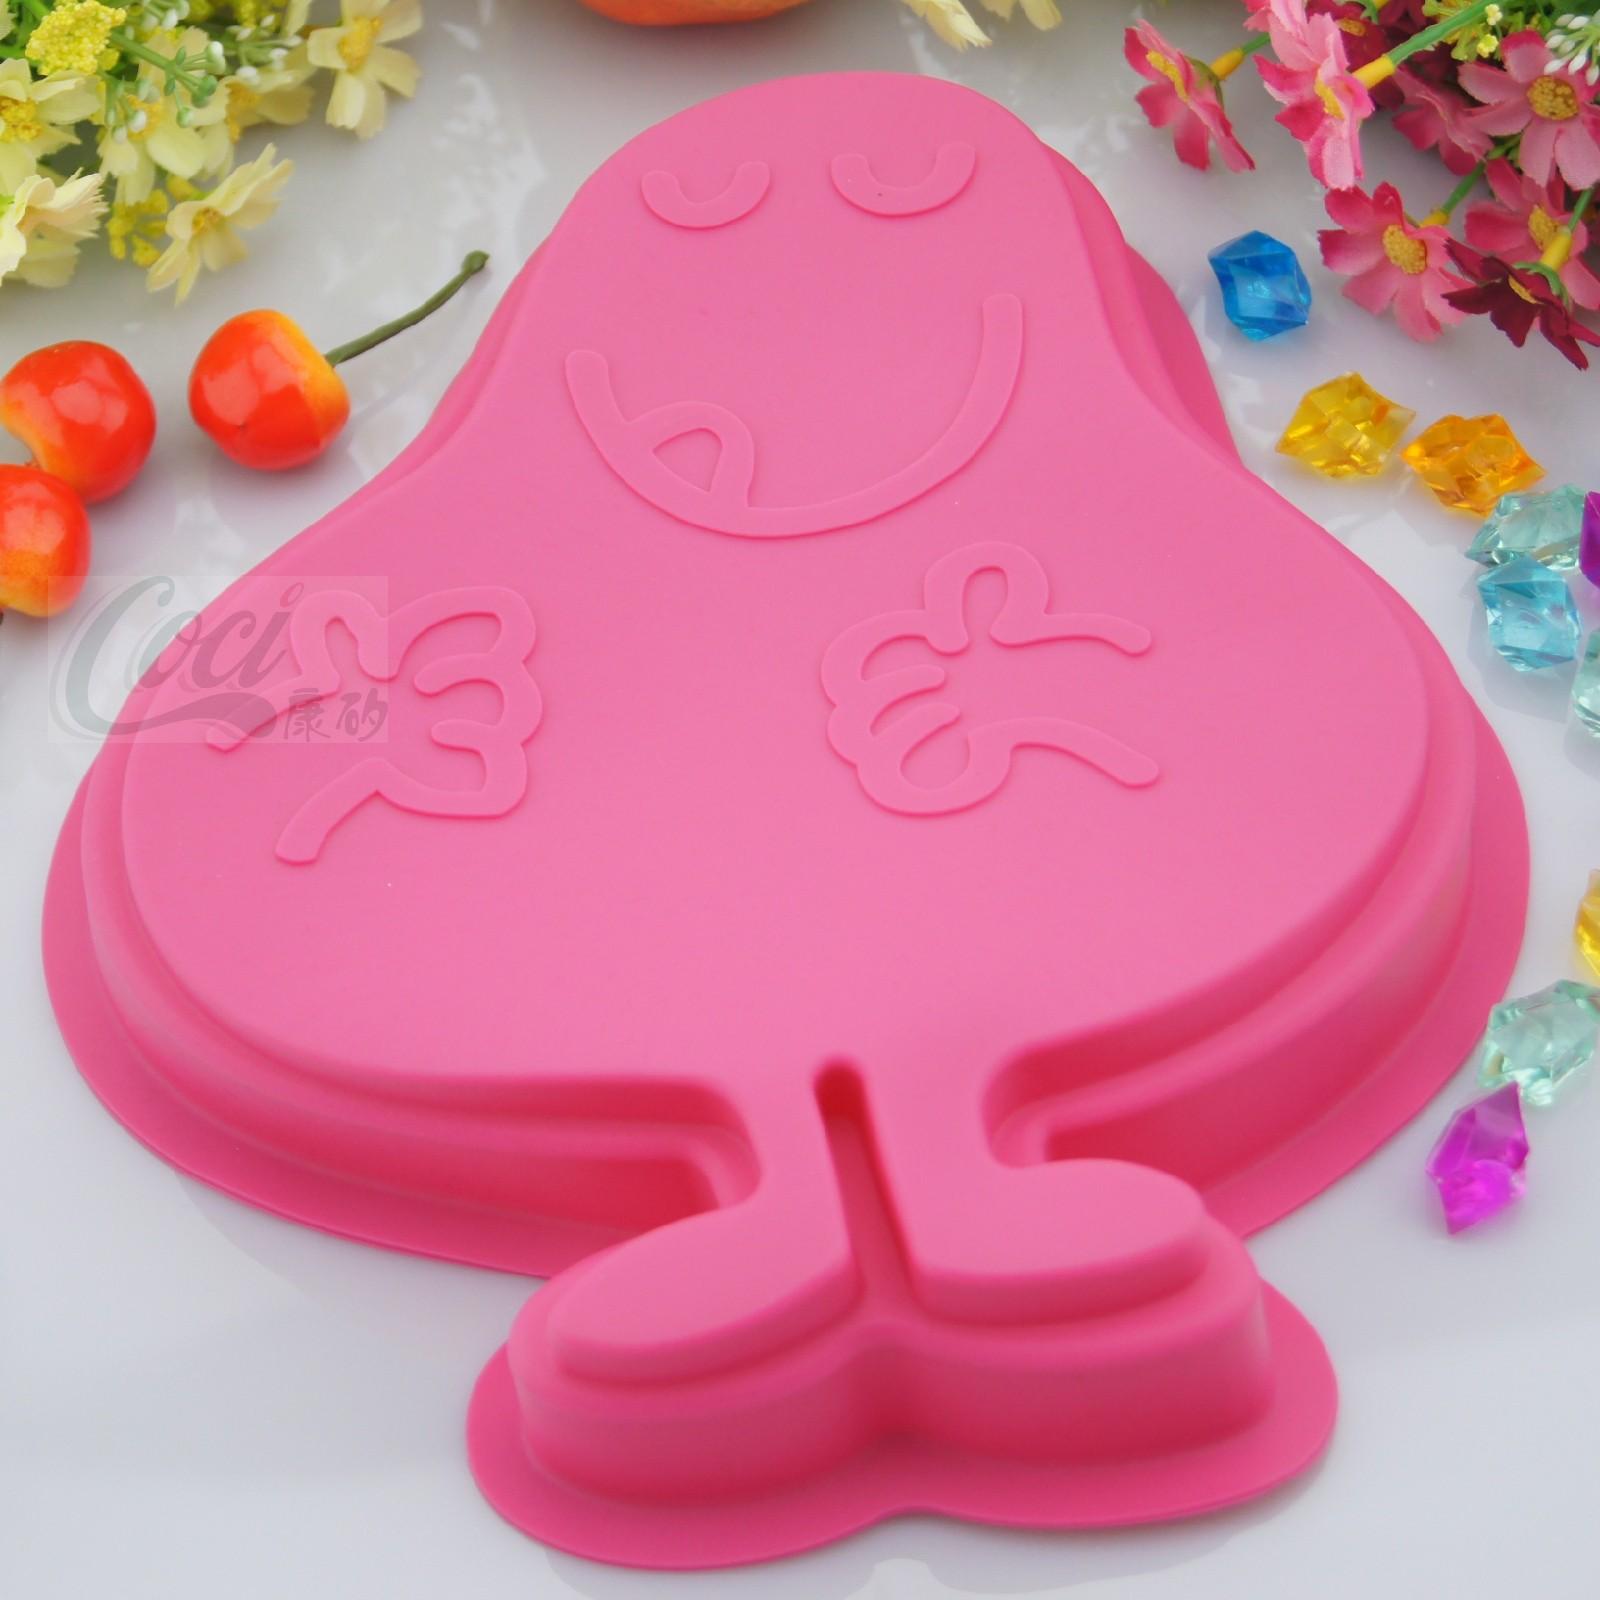 康矽2013新款 贪吃先生硅胶蛋糕模具最新DIY烘焙工具创意厨房用品